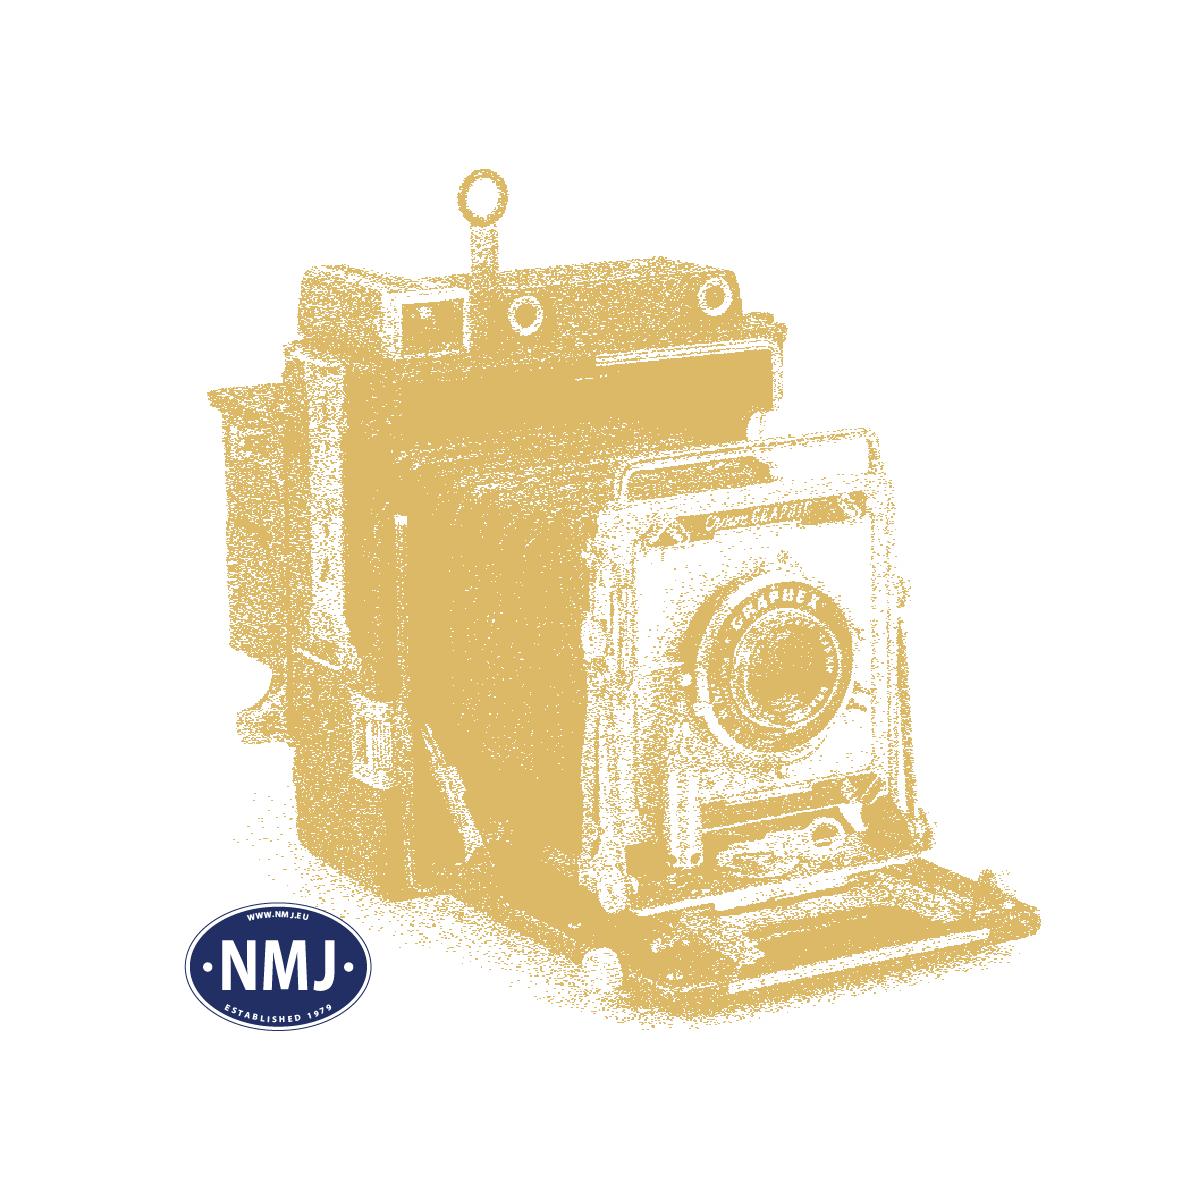 MWB-P201 - Grasbüschel, Frühling, 2 mm, 21 x 15 cm, für N - I